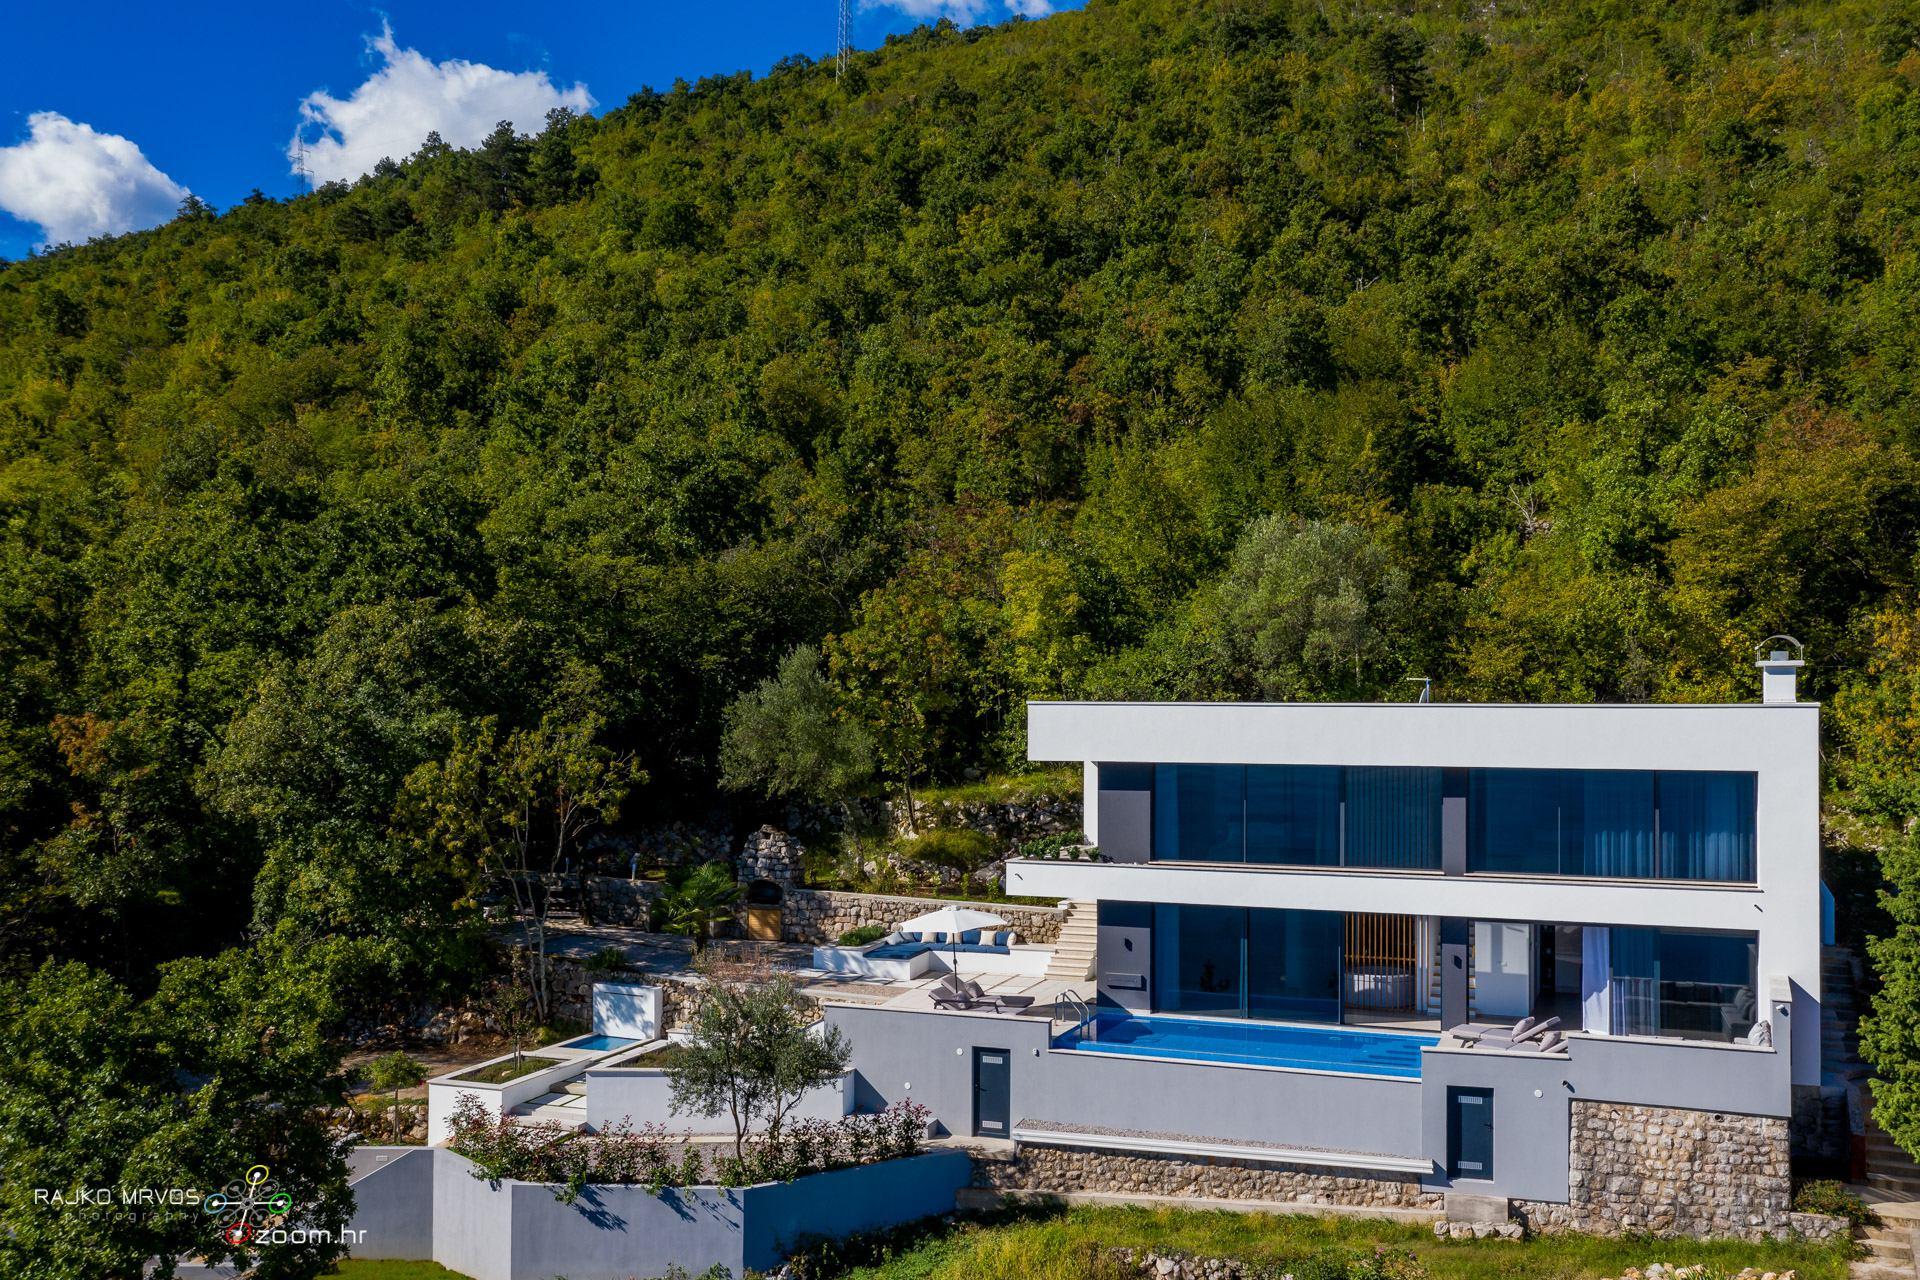 profesionalno-fotografiranje-vila-kuca-fotograf-villa-Sky-Pool-Villa-Medveja-1